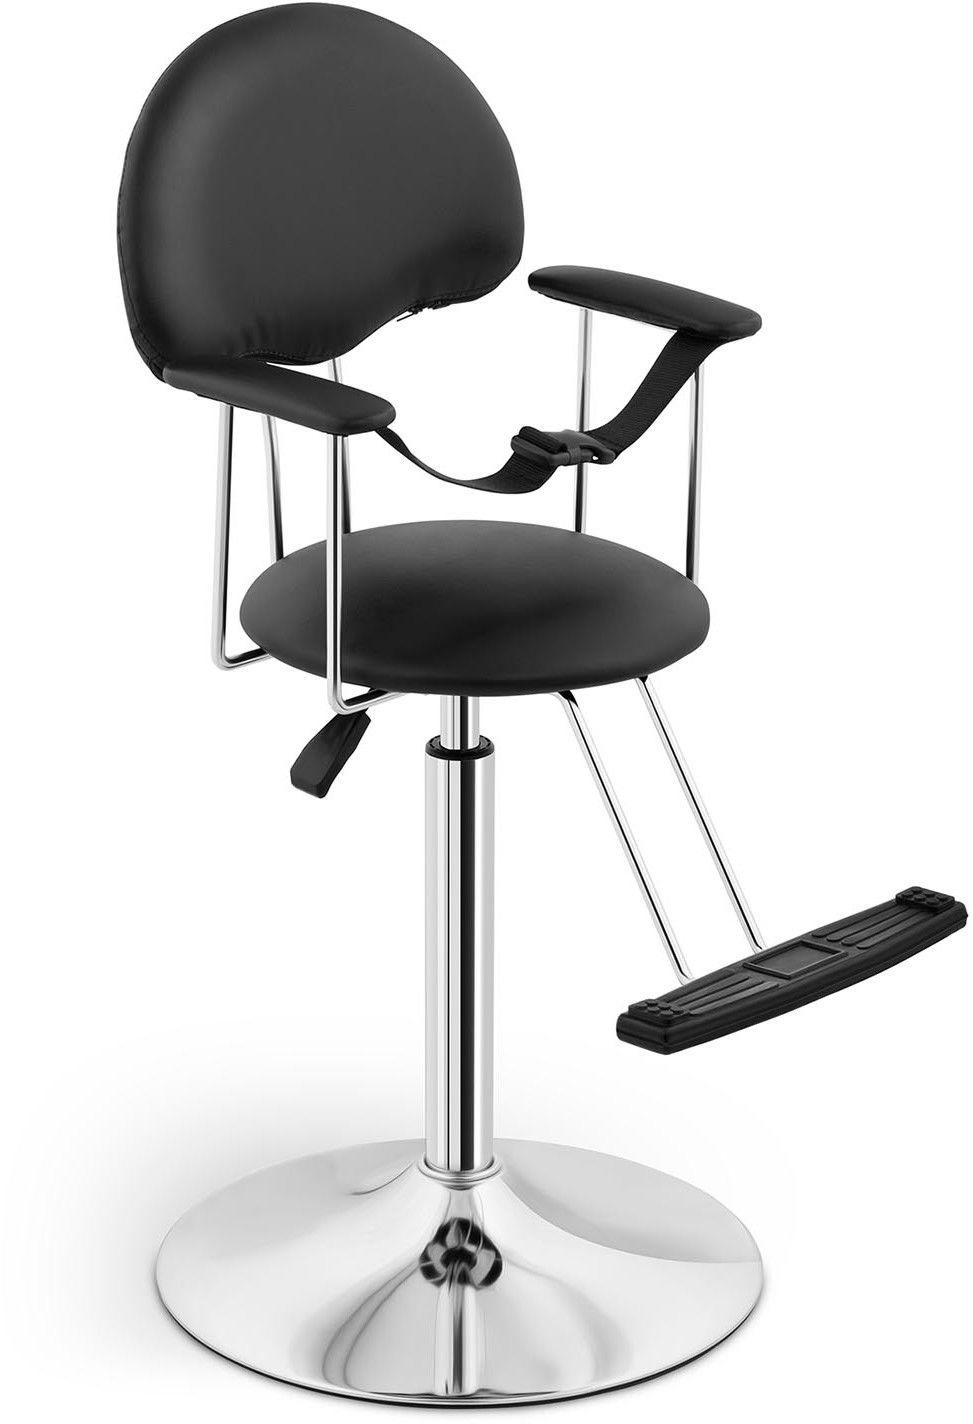 Fotel fryzjerski dla dzieci Physa Birmingham Black - PHYSA BIRMINGHAM BLACK - 3 LATA GWARANCJI / WYSYŁKA W 24H ZA 0 ZŁ!